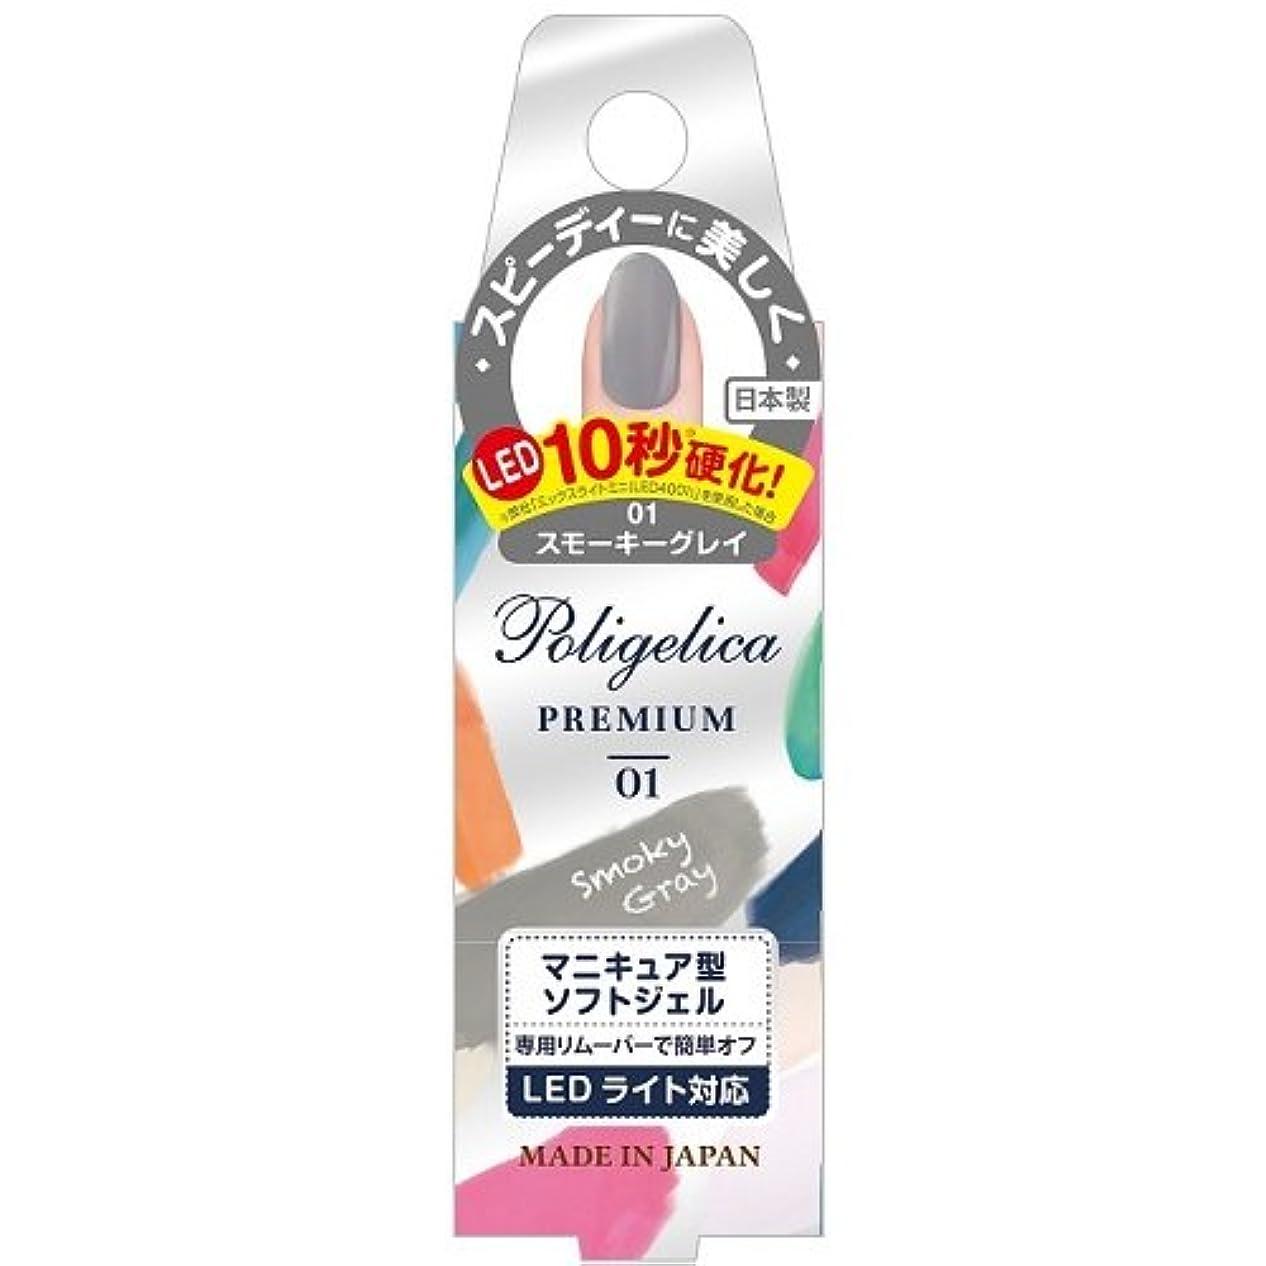 到着アイデアゾーンBW ポリジェリカプレミアム カラージェル 1001/スモーキーグレイ (6g)